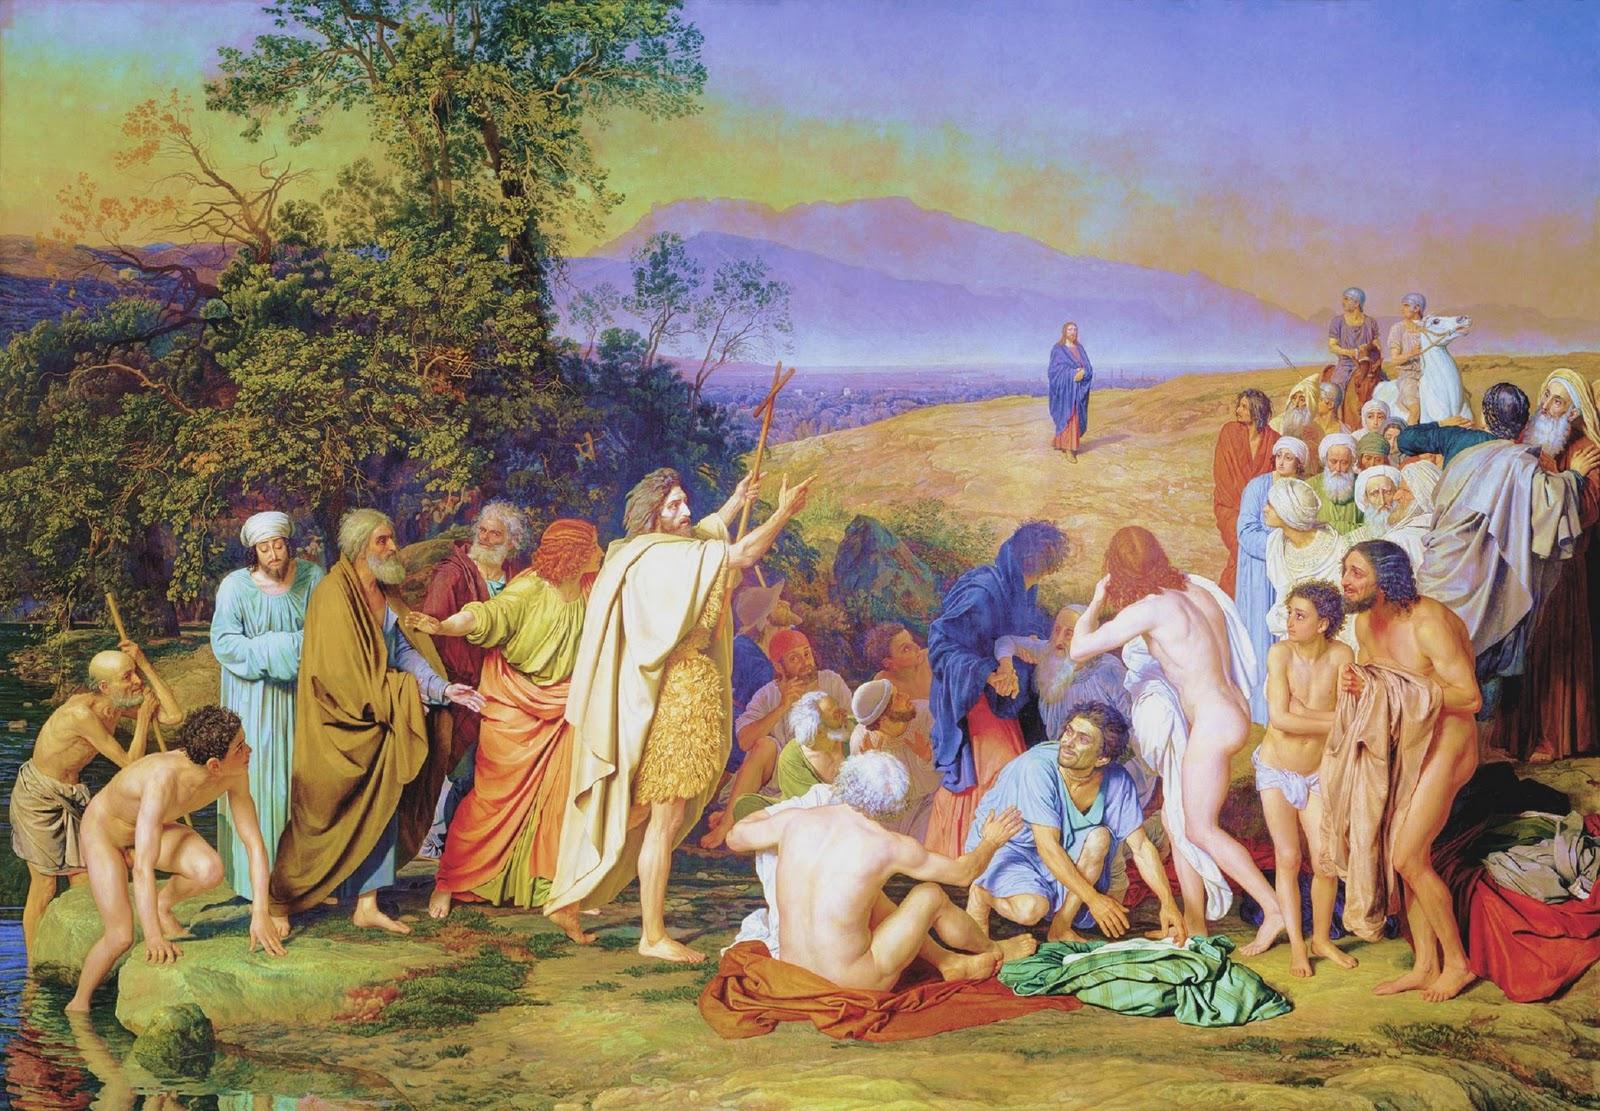 ¿Por qué el Orgullo desemboca en el Pecado?